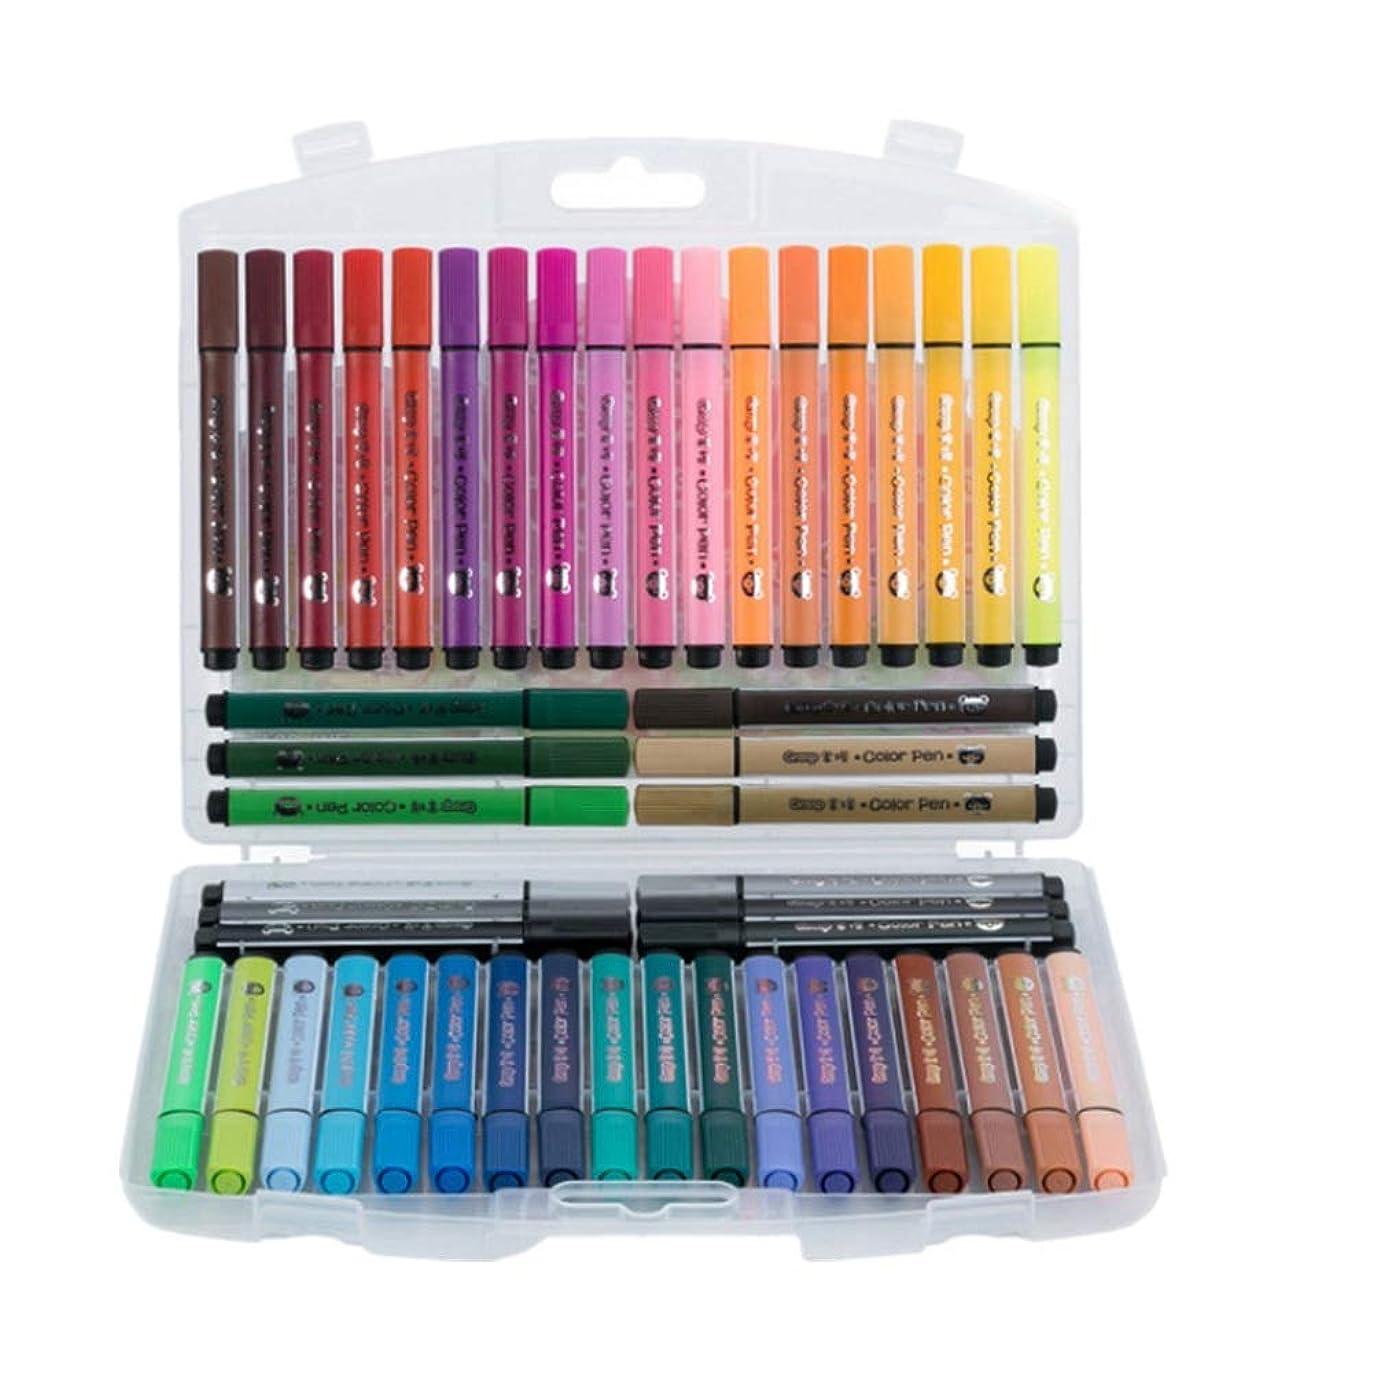 政治雹硬さ水彩ペン 水彩毛筆 水性筆 スーパーマーカー水彩ソフトフレキシブルブラシのヒントペンは、鮮やかな色を設定します子供たちは大人のぬりえの本マンガ漫画 (色 : 色)